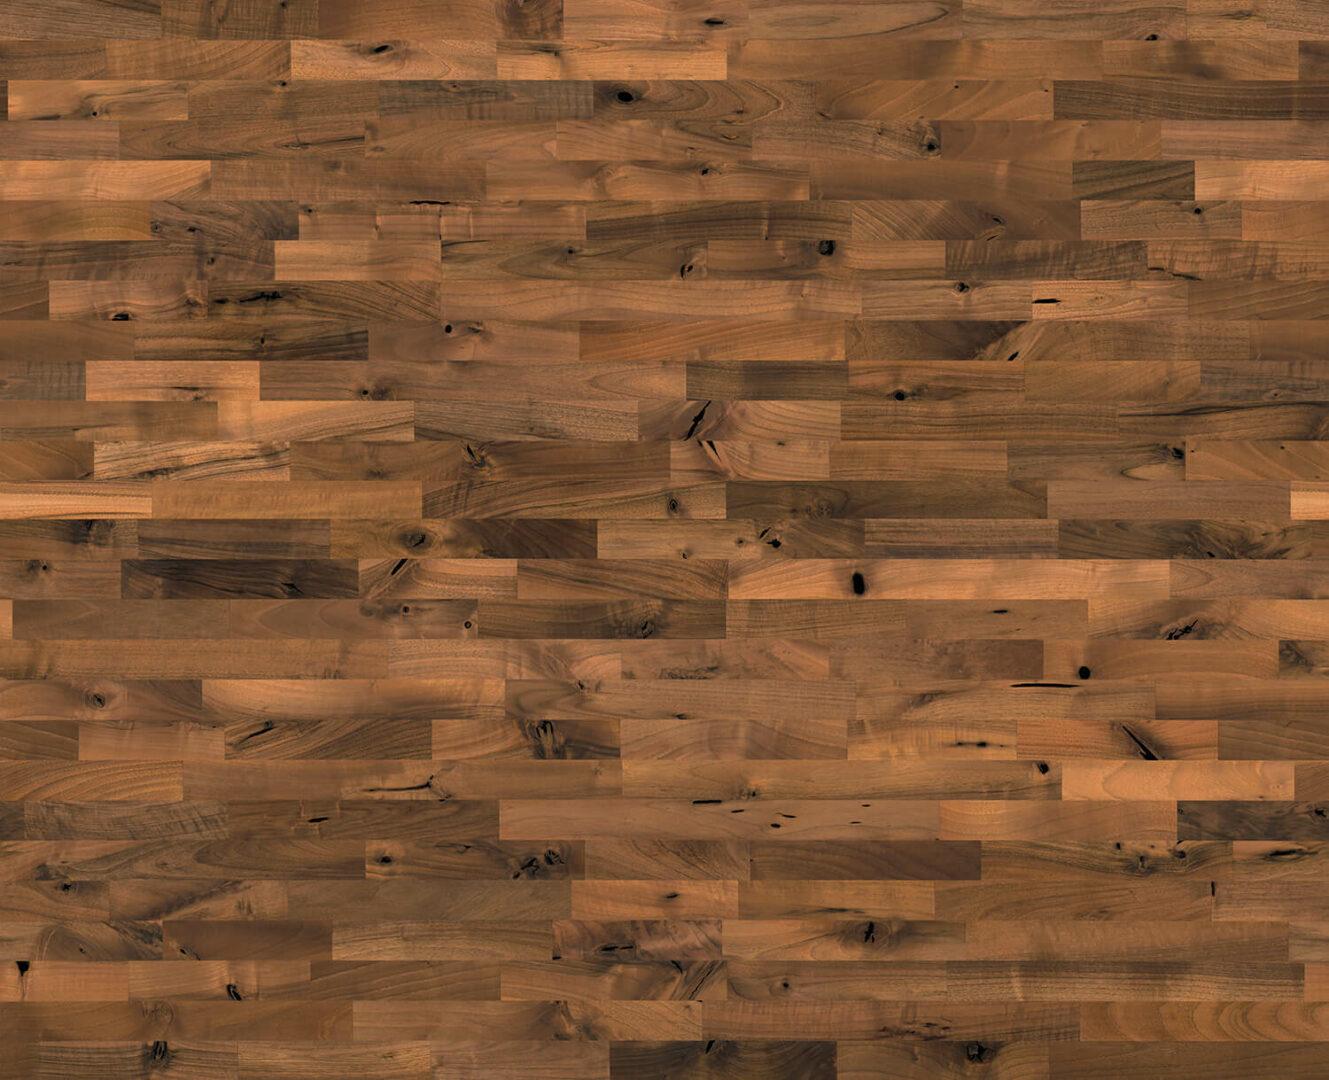 Massiv Echtholz Arbeitsplatte Europaeischer Nussbaum Rustikal 513